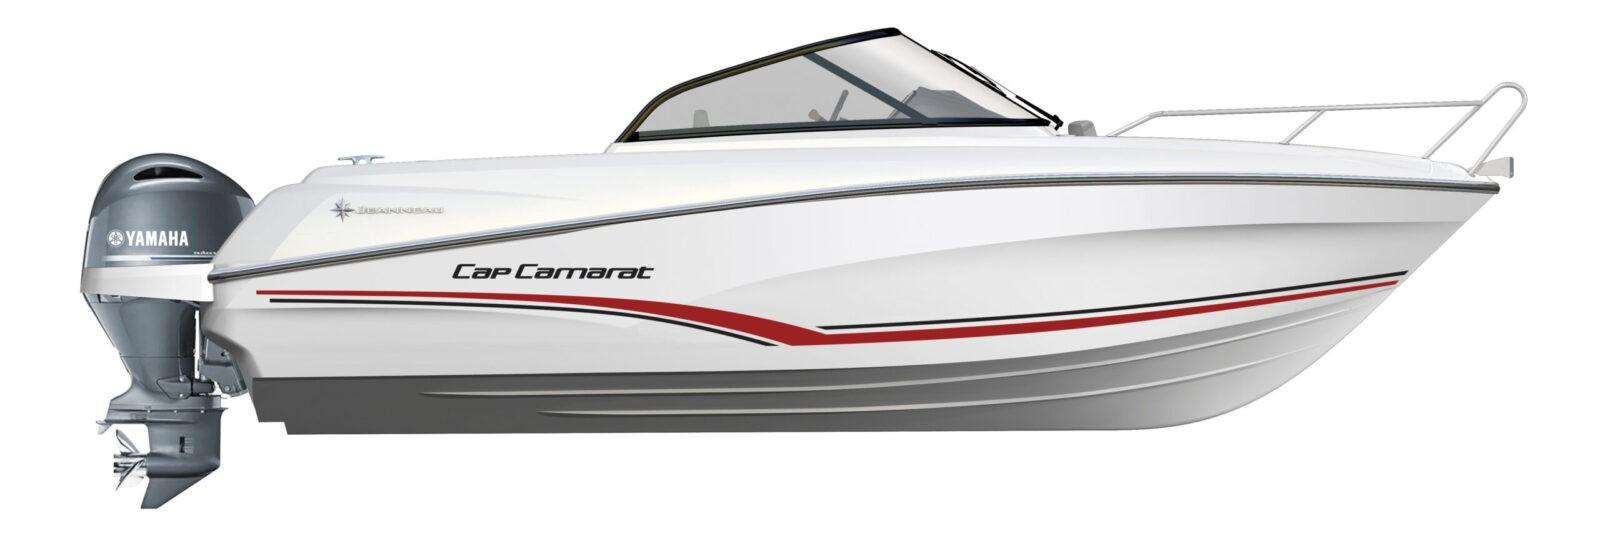 Cap_Camarat_6-